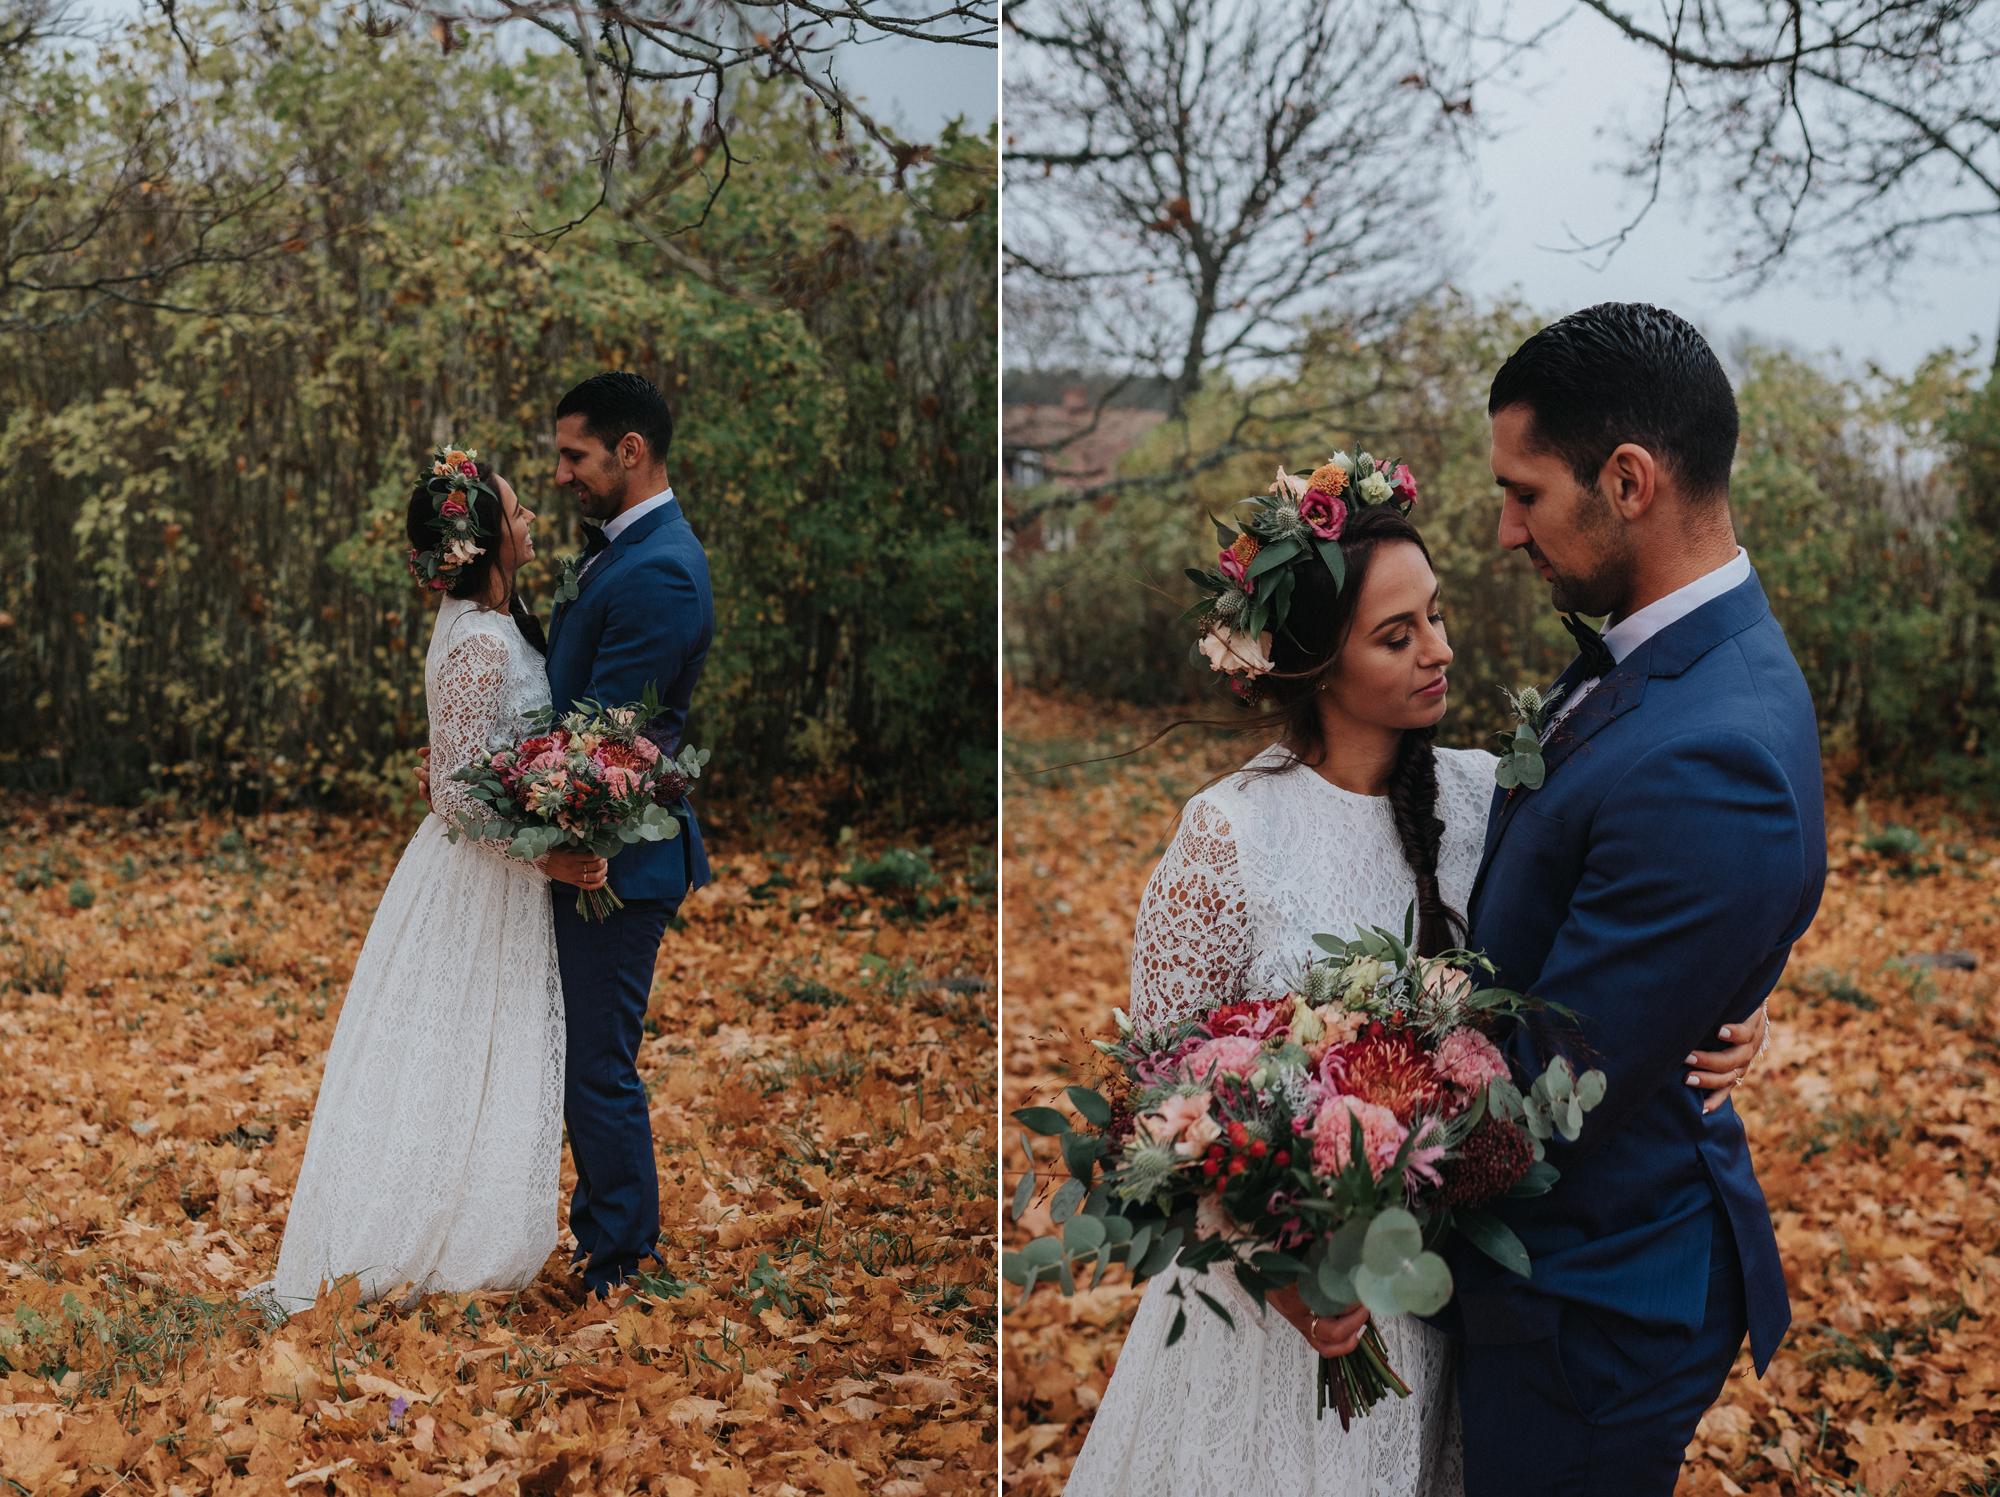 028-bröllopsfotograf-lydinge-neas-fotografi.jpg